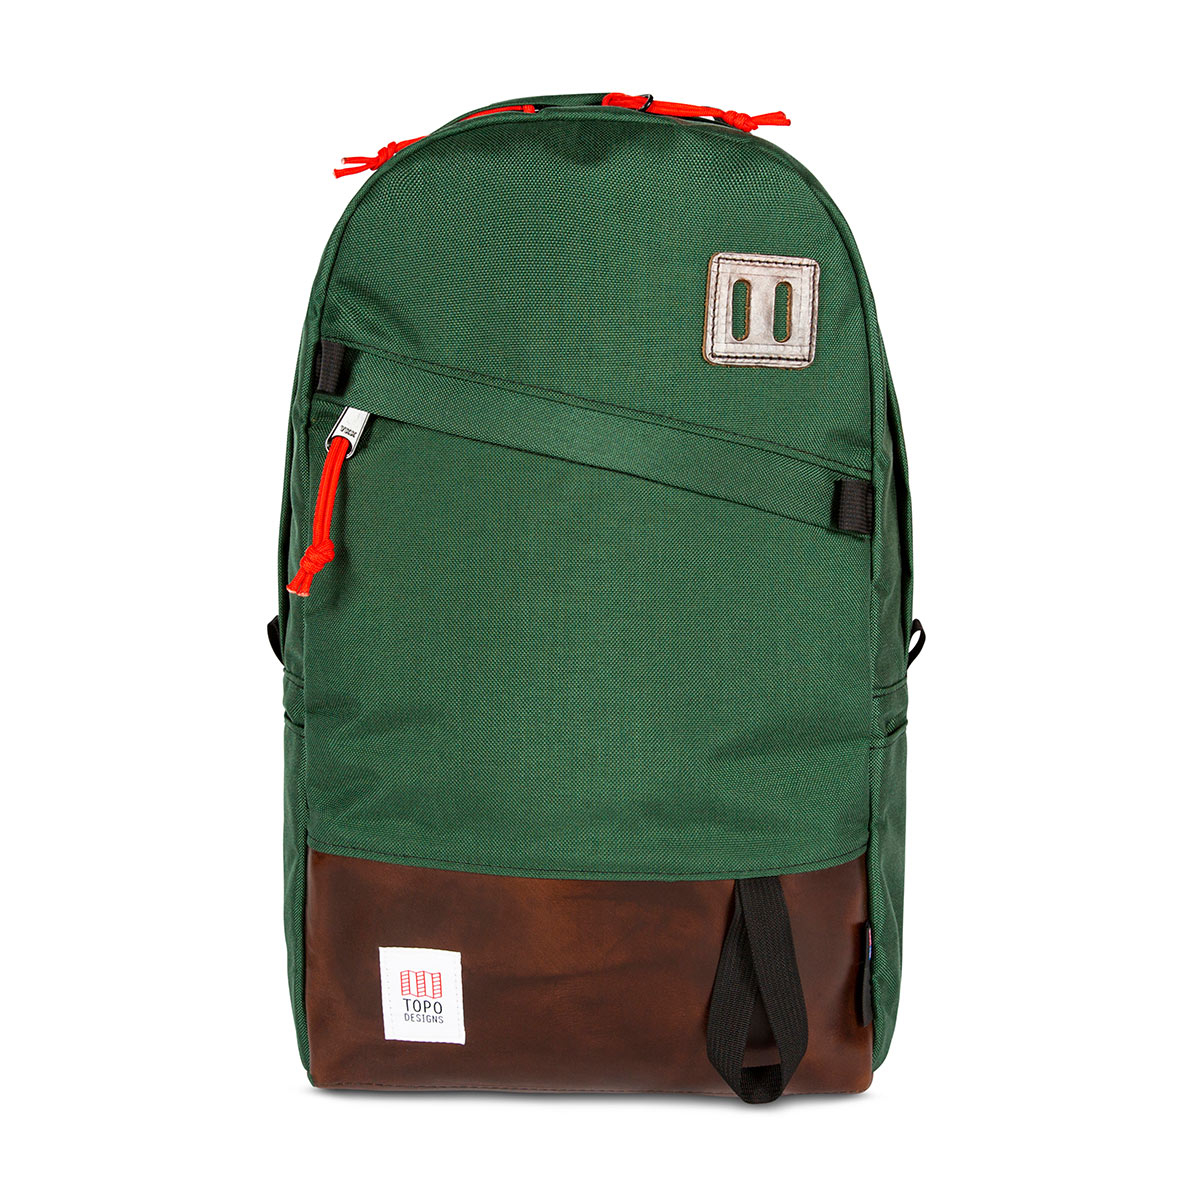 Topo Designs Daypack Forest/Brown Leather, idealer Reisebegleiter, Arbeitskollege oder Packesel